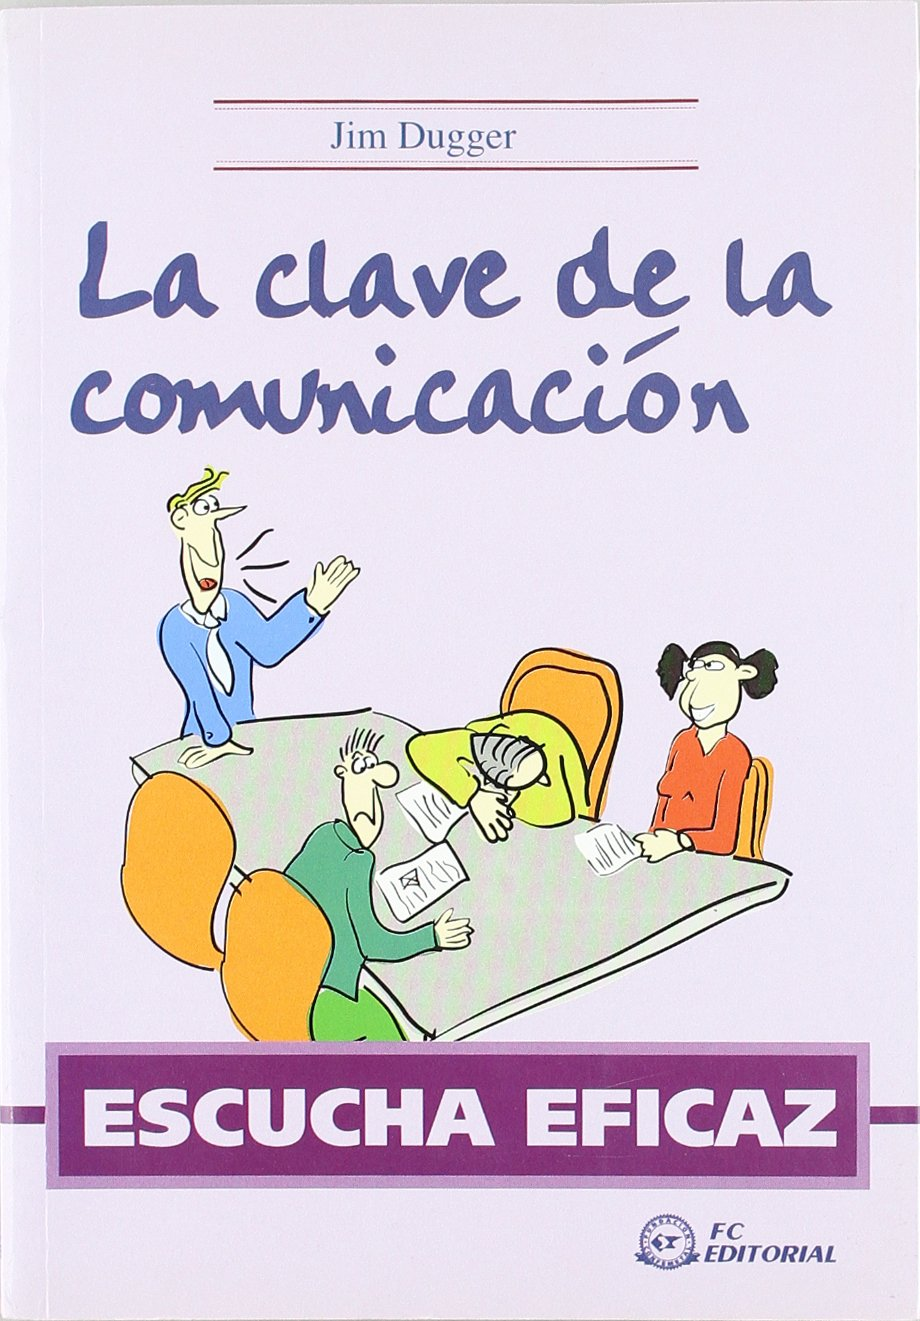 ESCUCHA EFICAZ. La clave de la comunicación